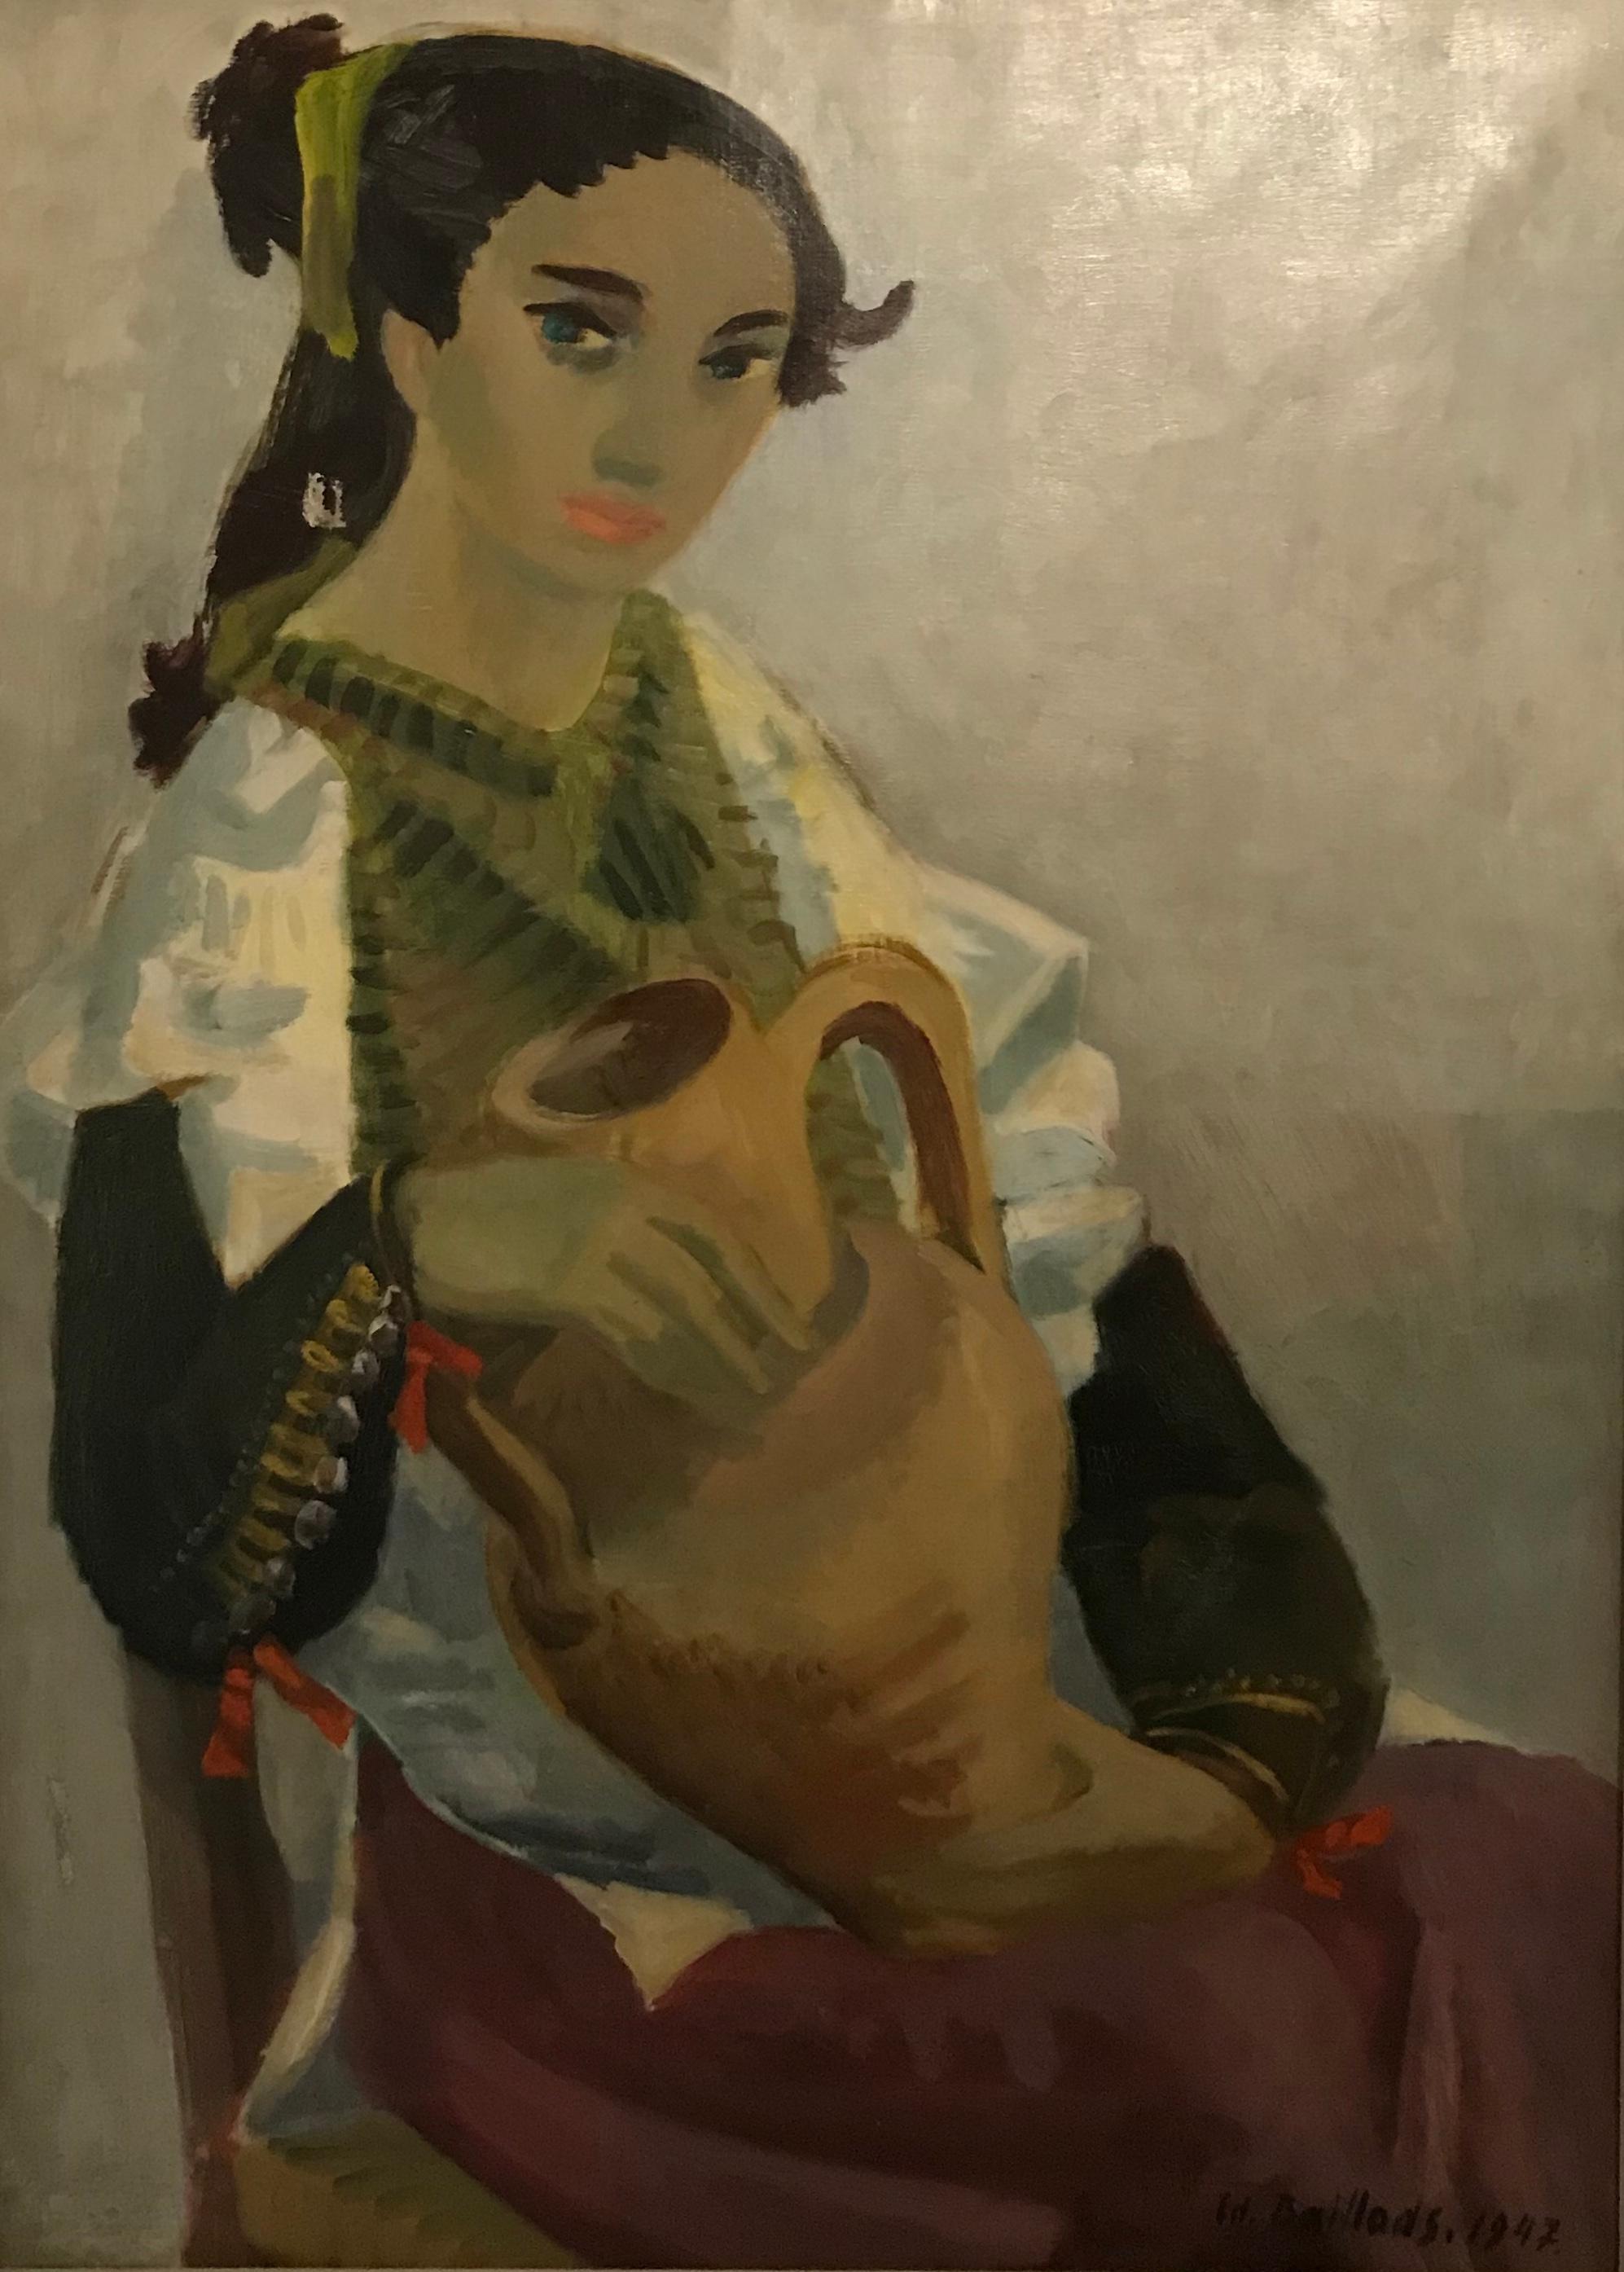 Femme à la cruche - Woman with the pitcher